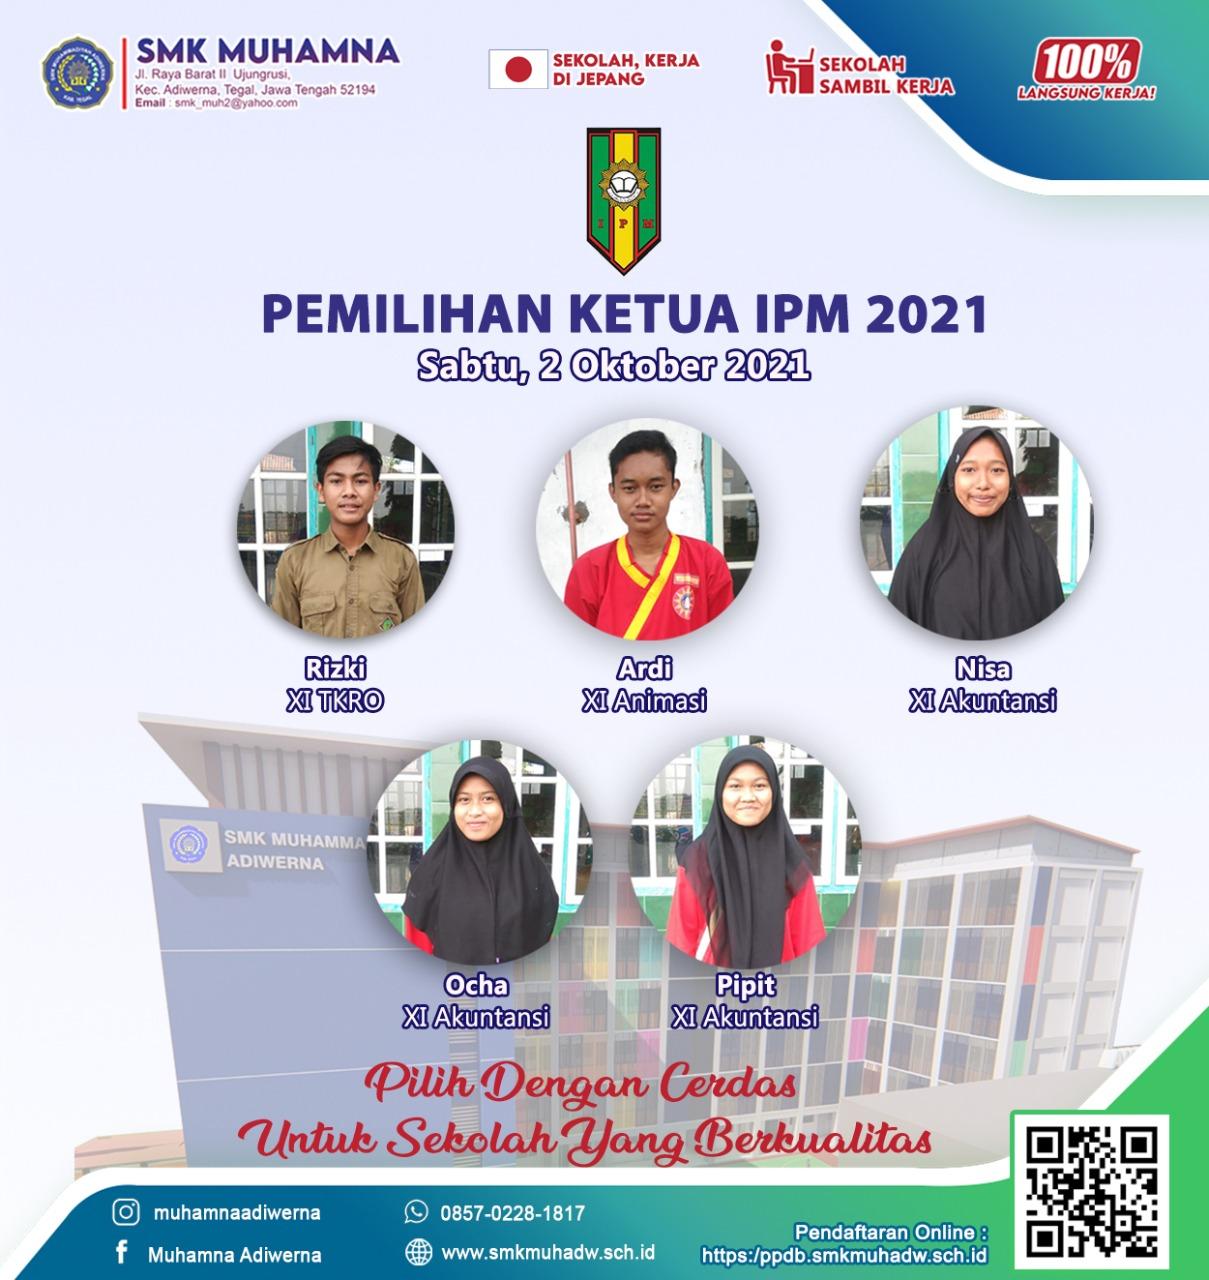 Pemilihan Ketua IPM SMK Muhamna Tahun 2021